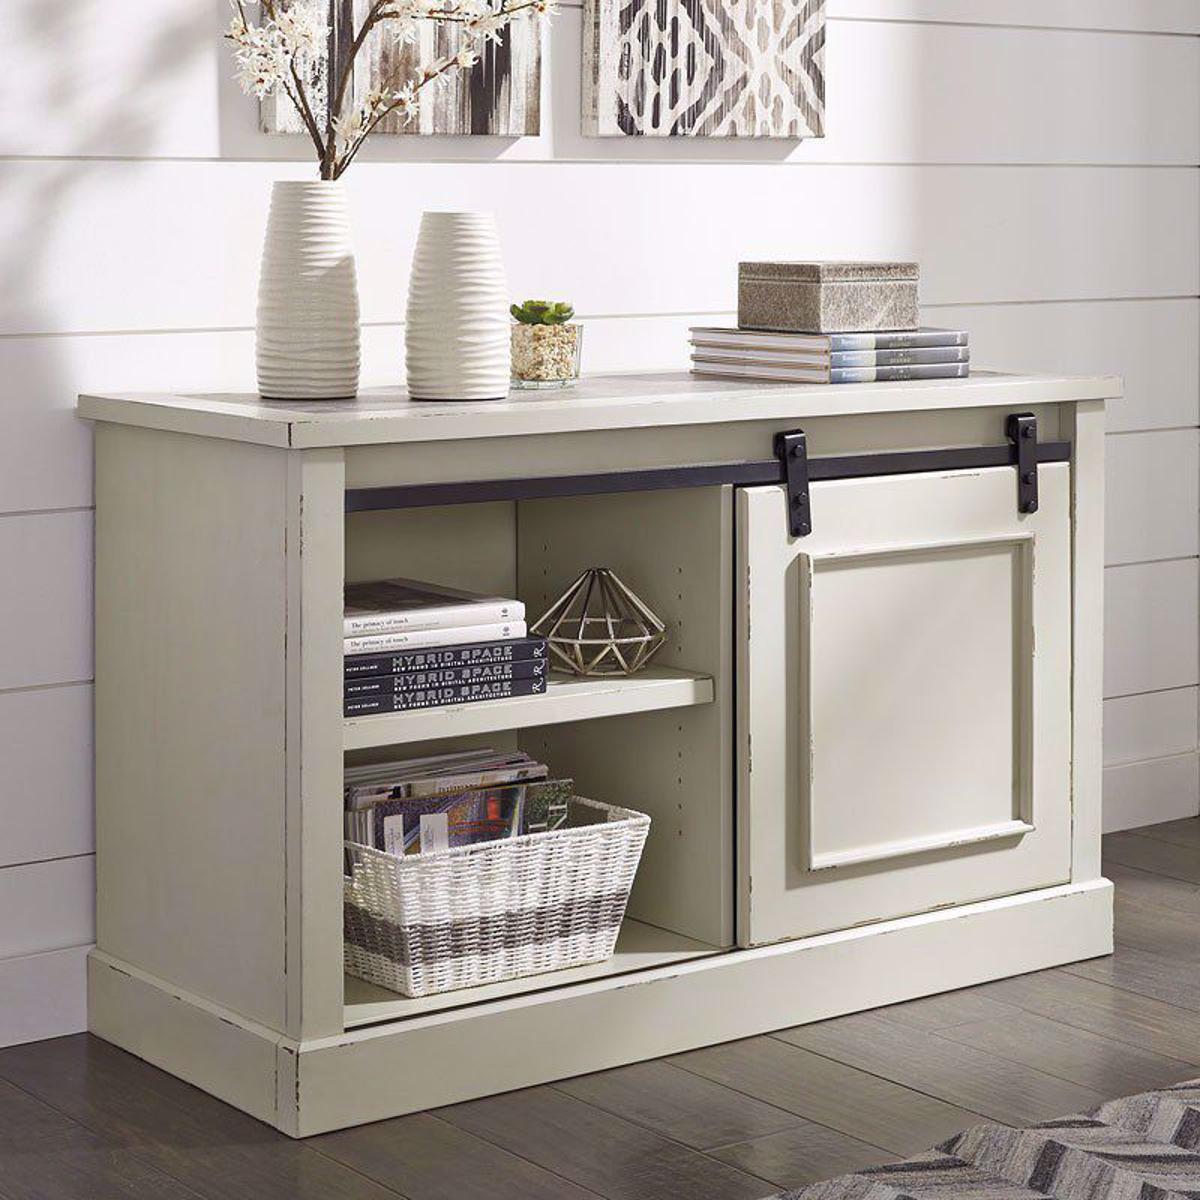 Picture of Fulton Cream Cabinet